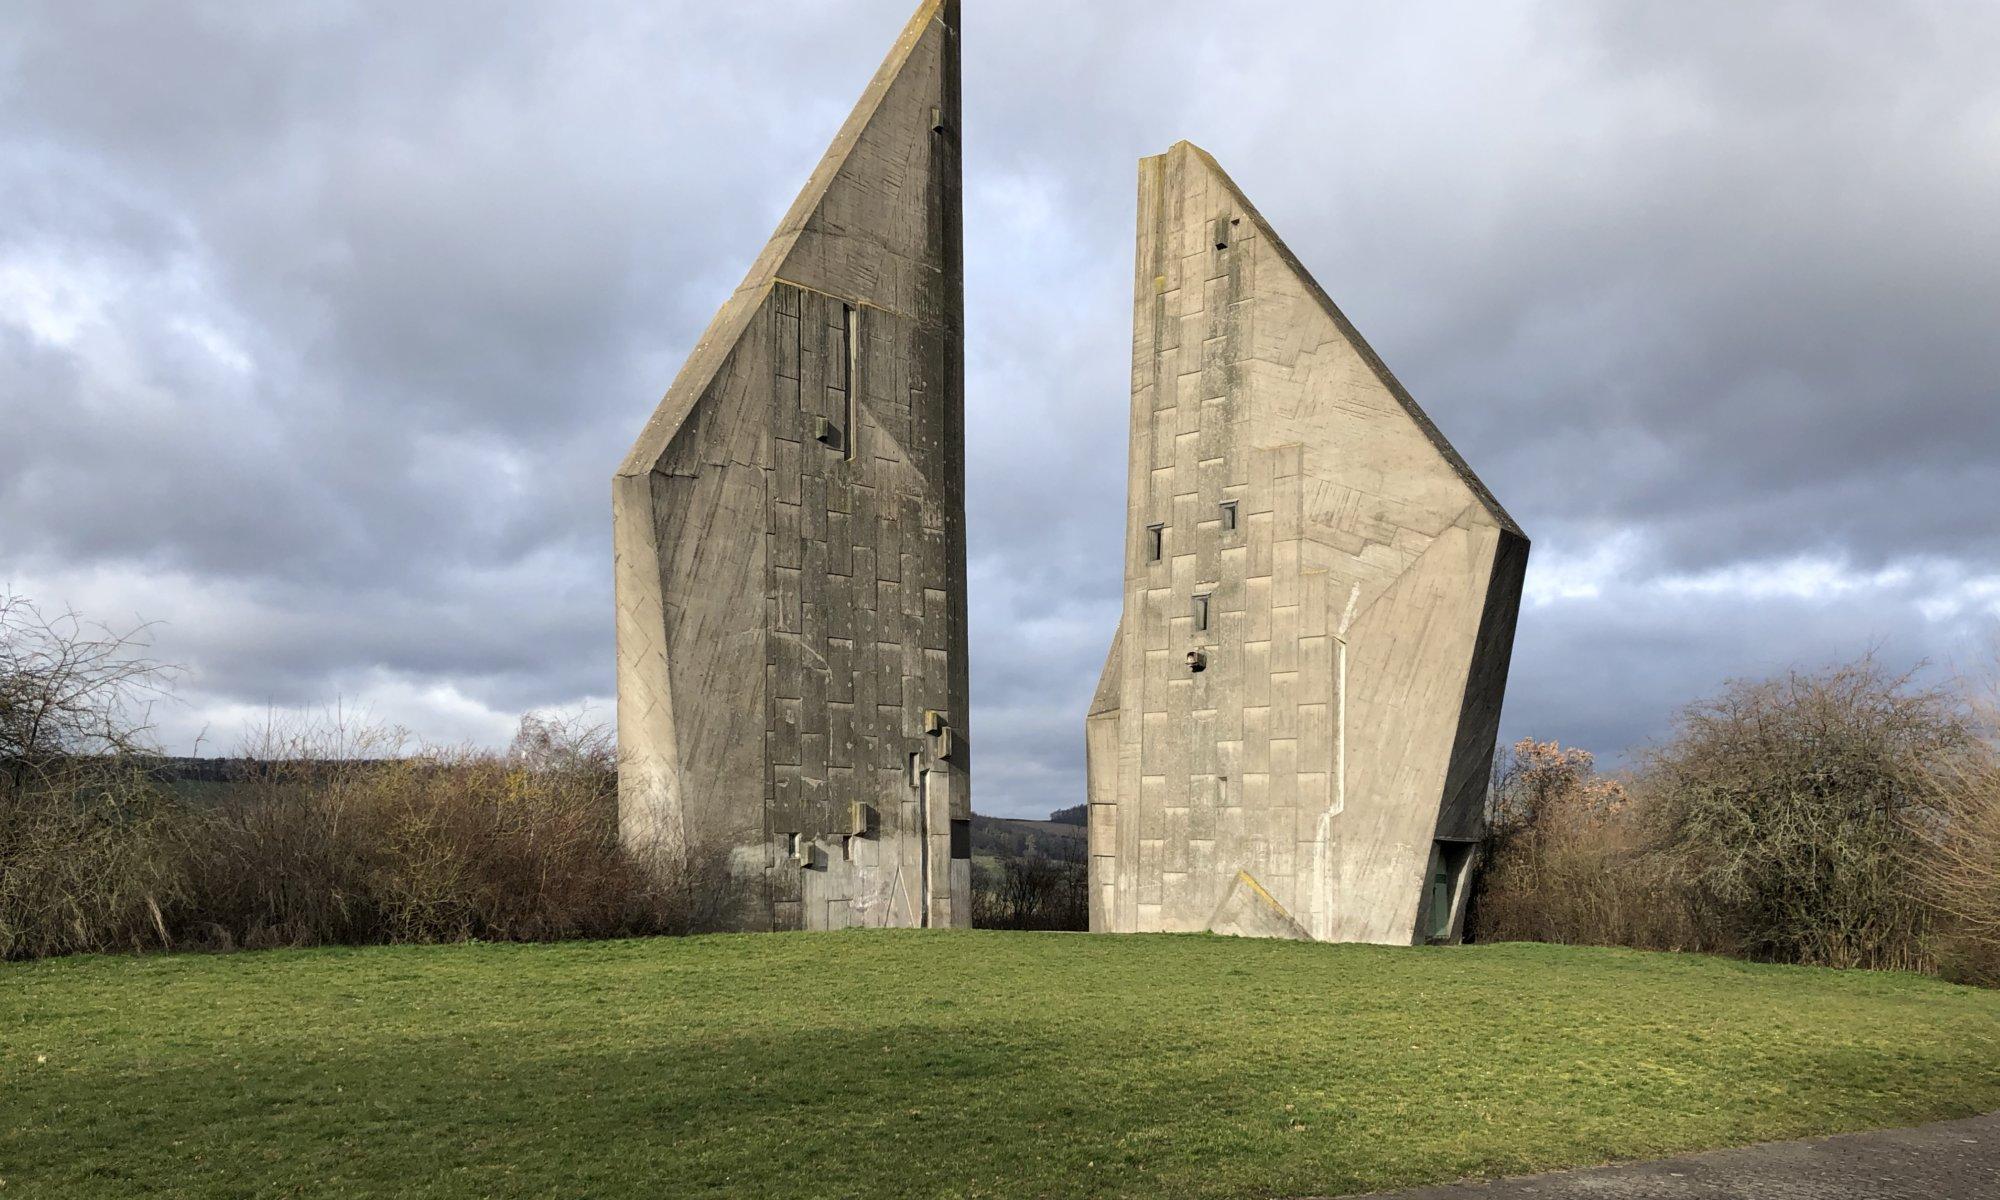 Heimkehrerdenkmal, Friedland